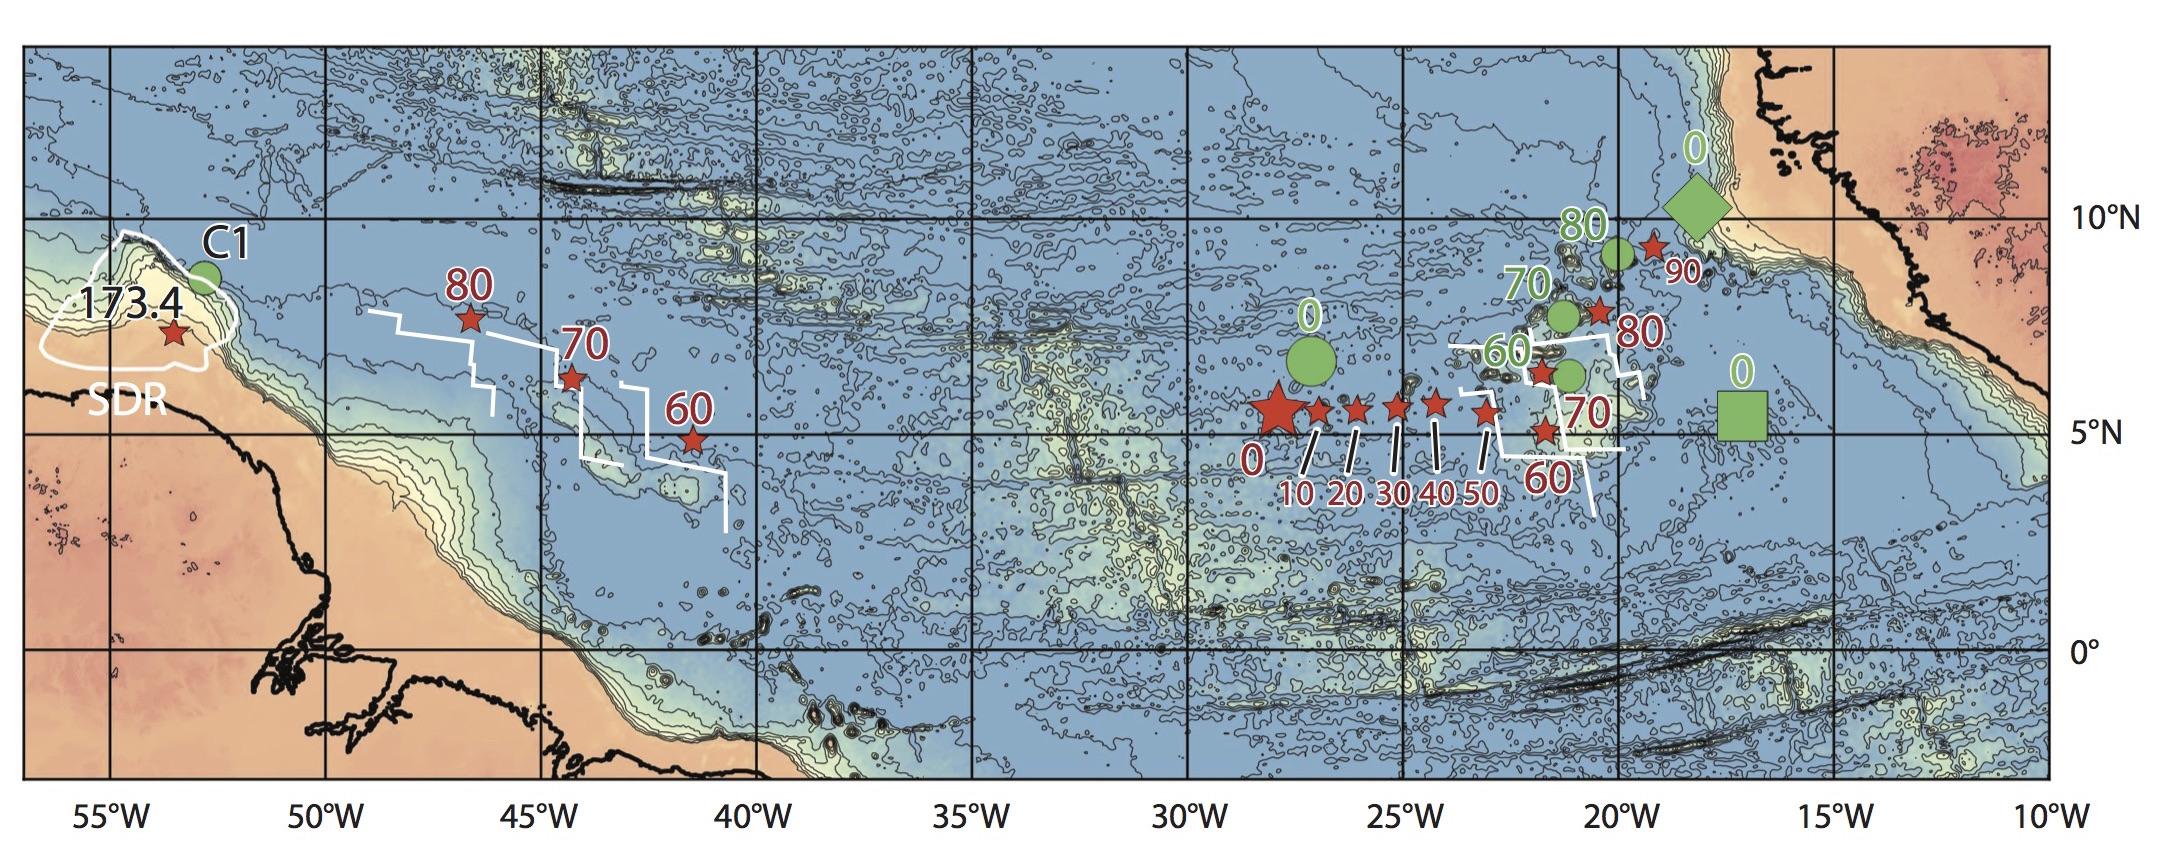 Trace du point chaud de Sierra Leone dans l'Atlantique équatorial, entre l'Afrique et l'Amérique du Sud